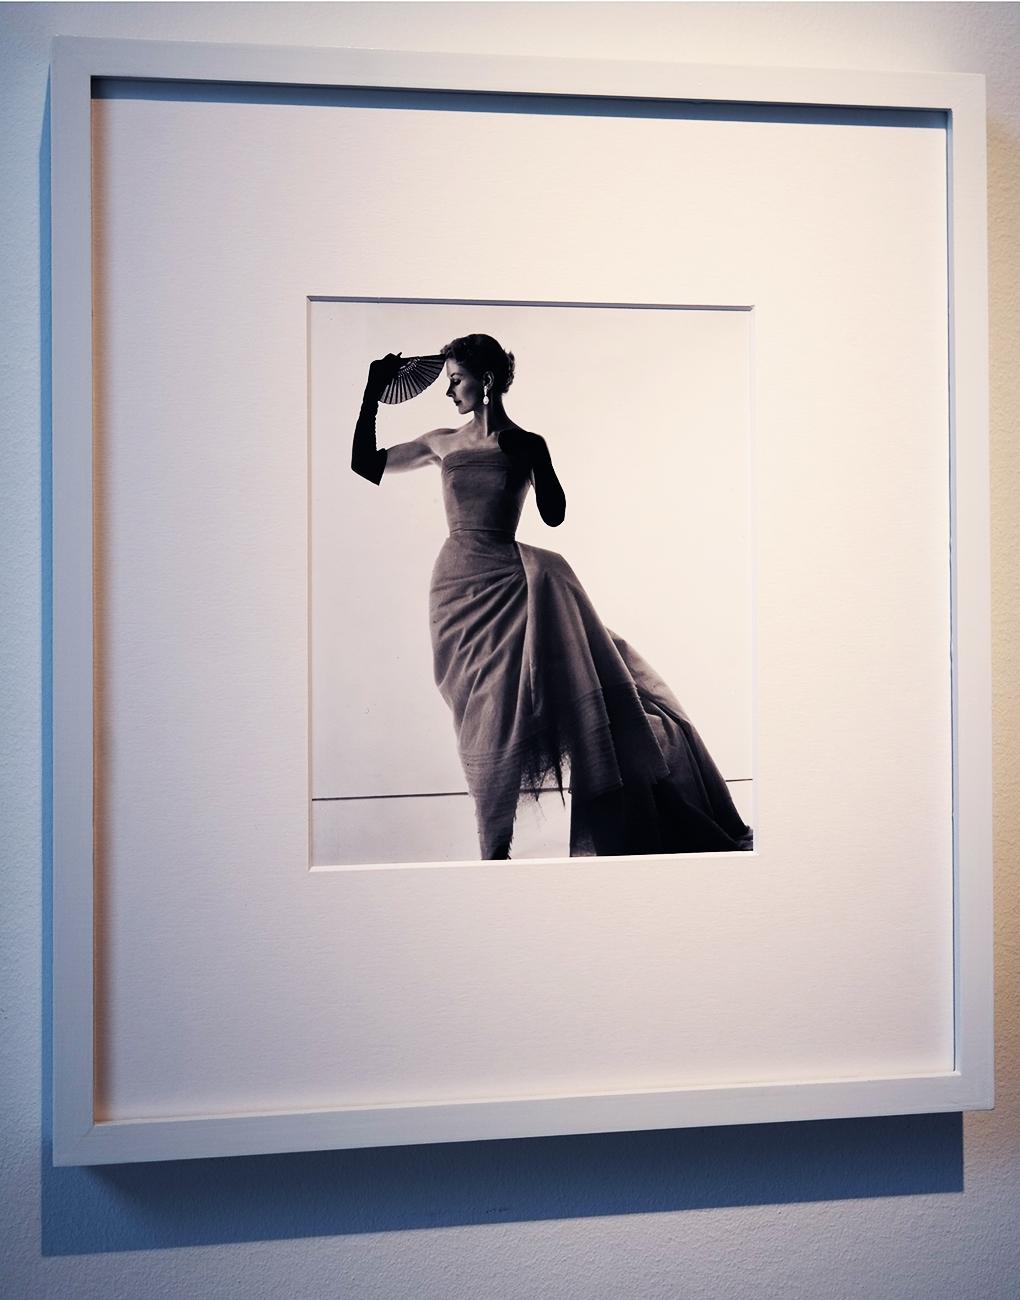 Näyttelyvinkit Tukholmaan: 2 x muotikuvien mestarit